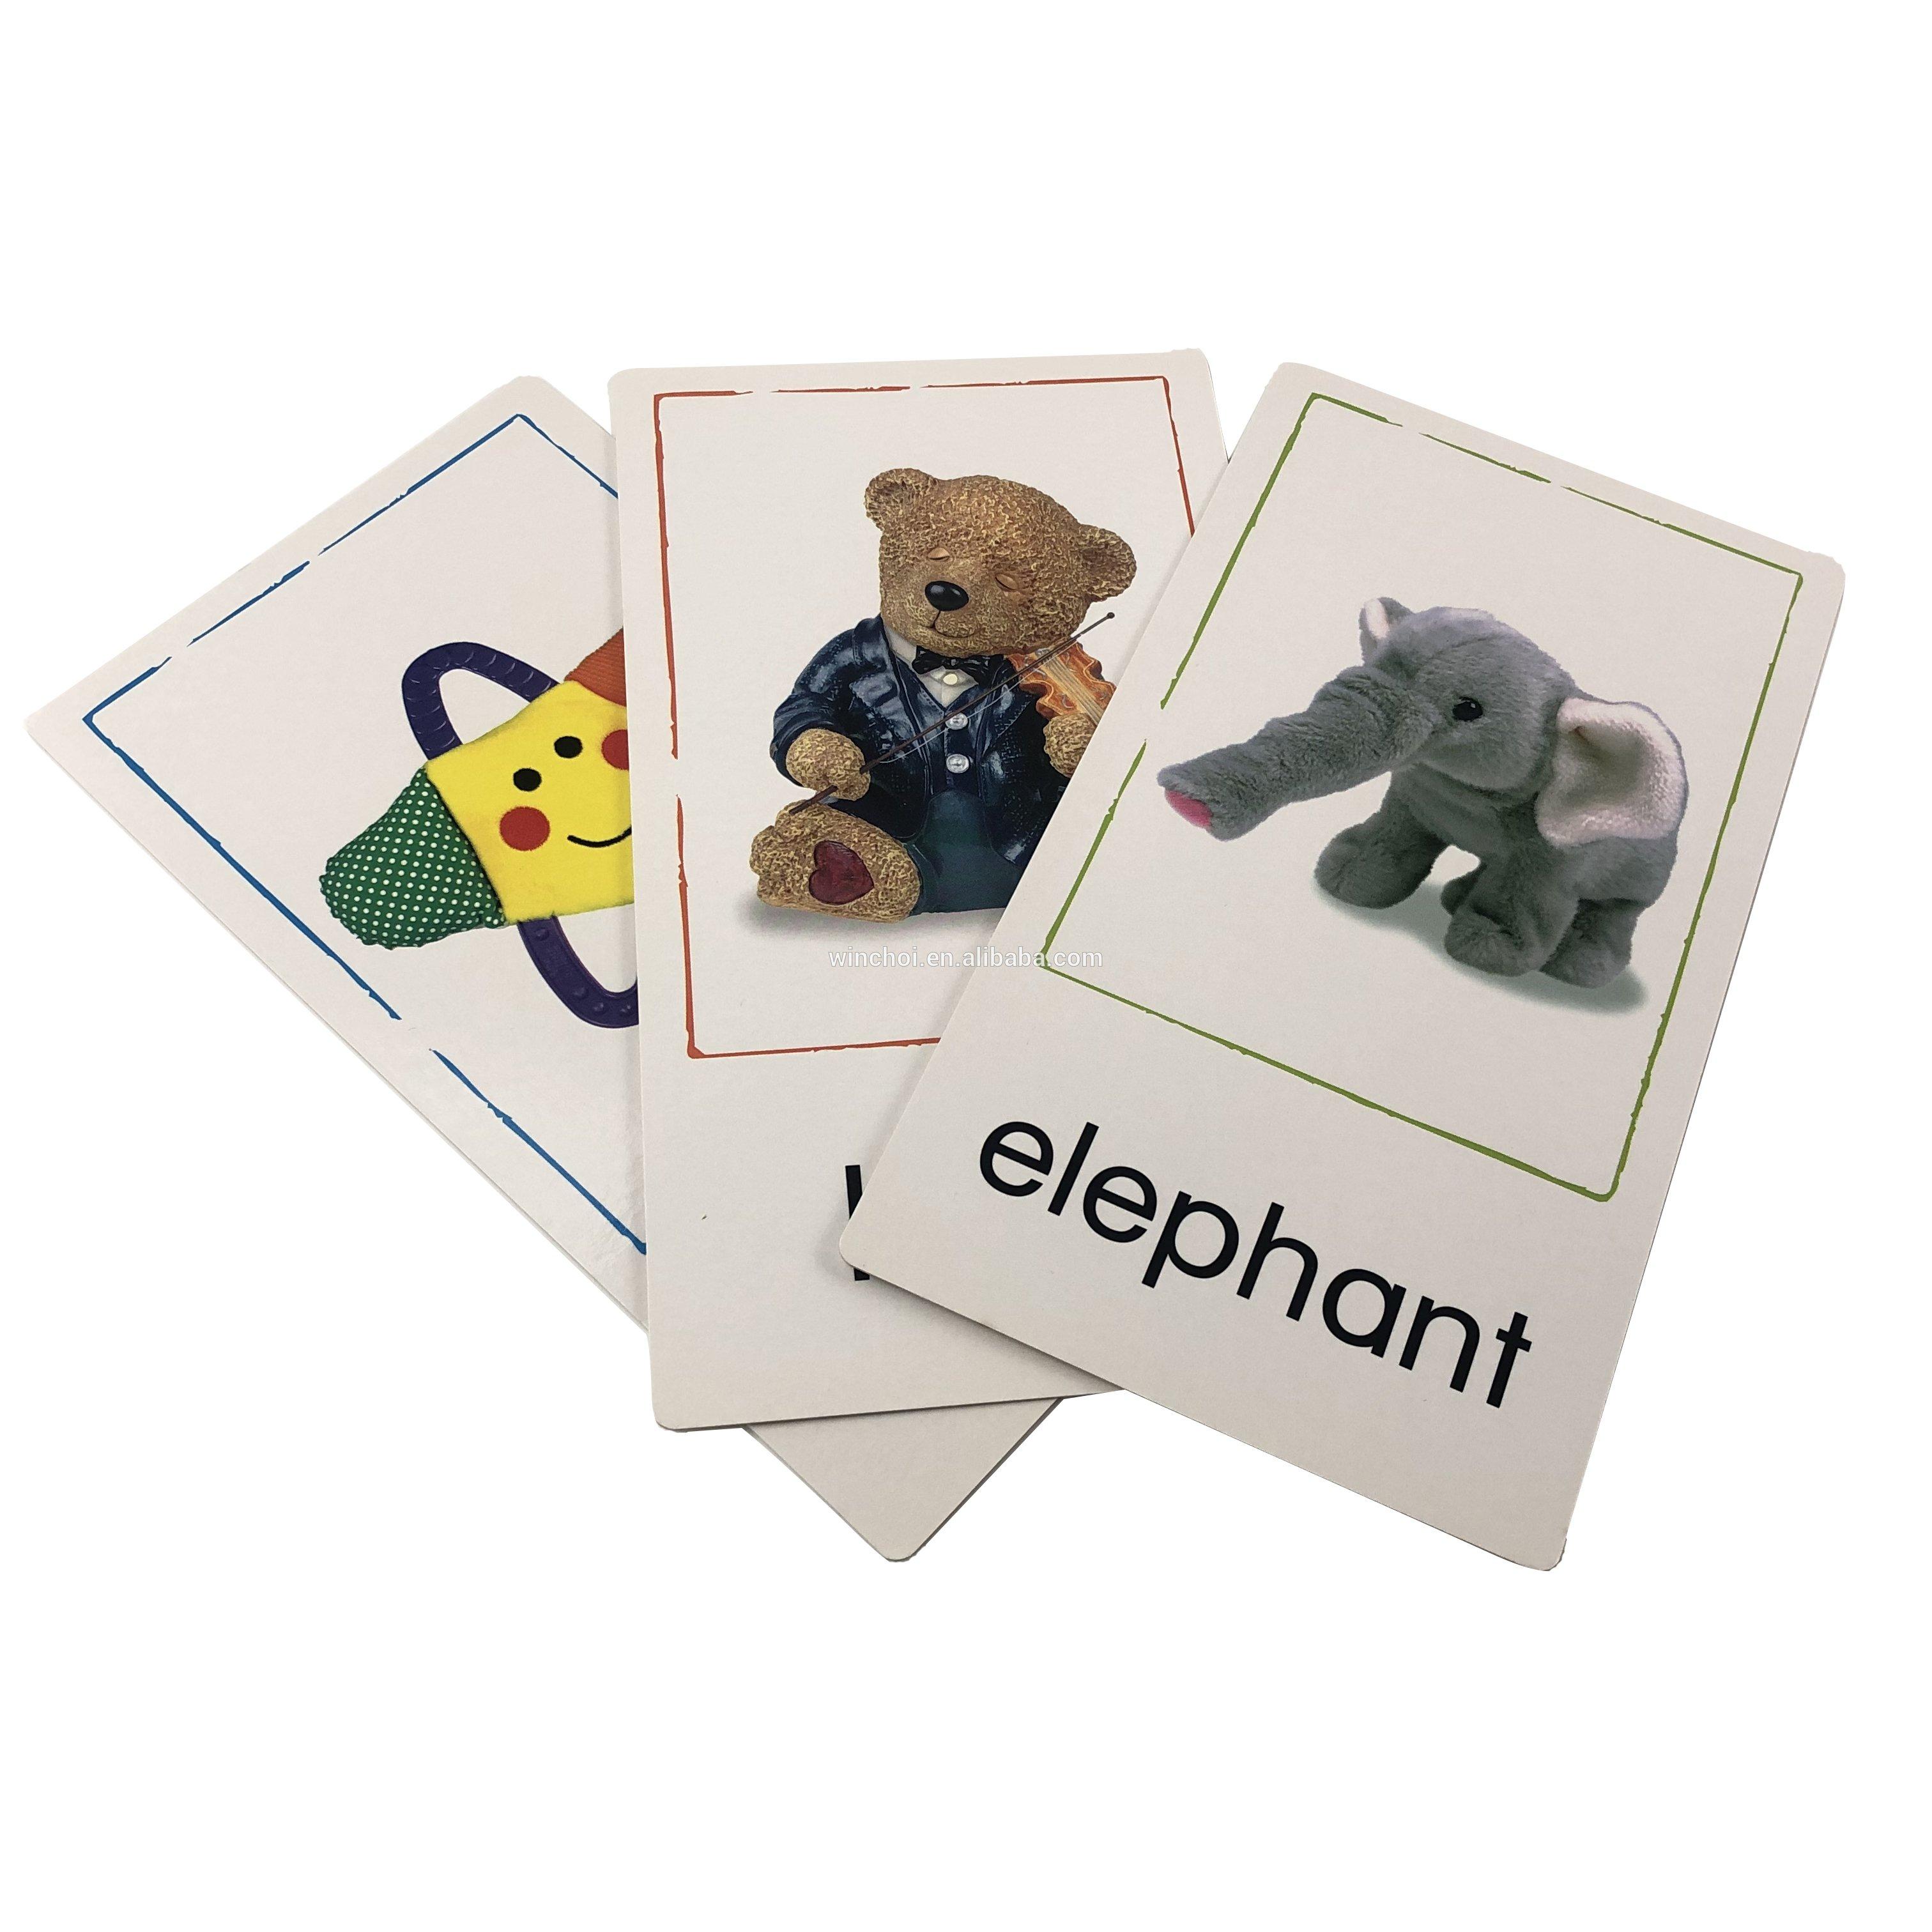 英语单词学习卡扑克牌四色胶印异形卡片